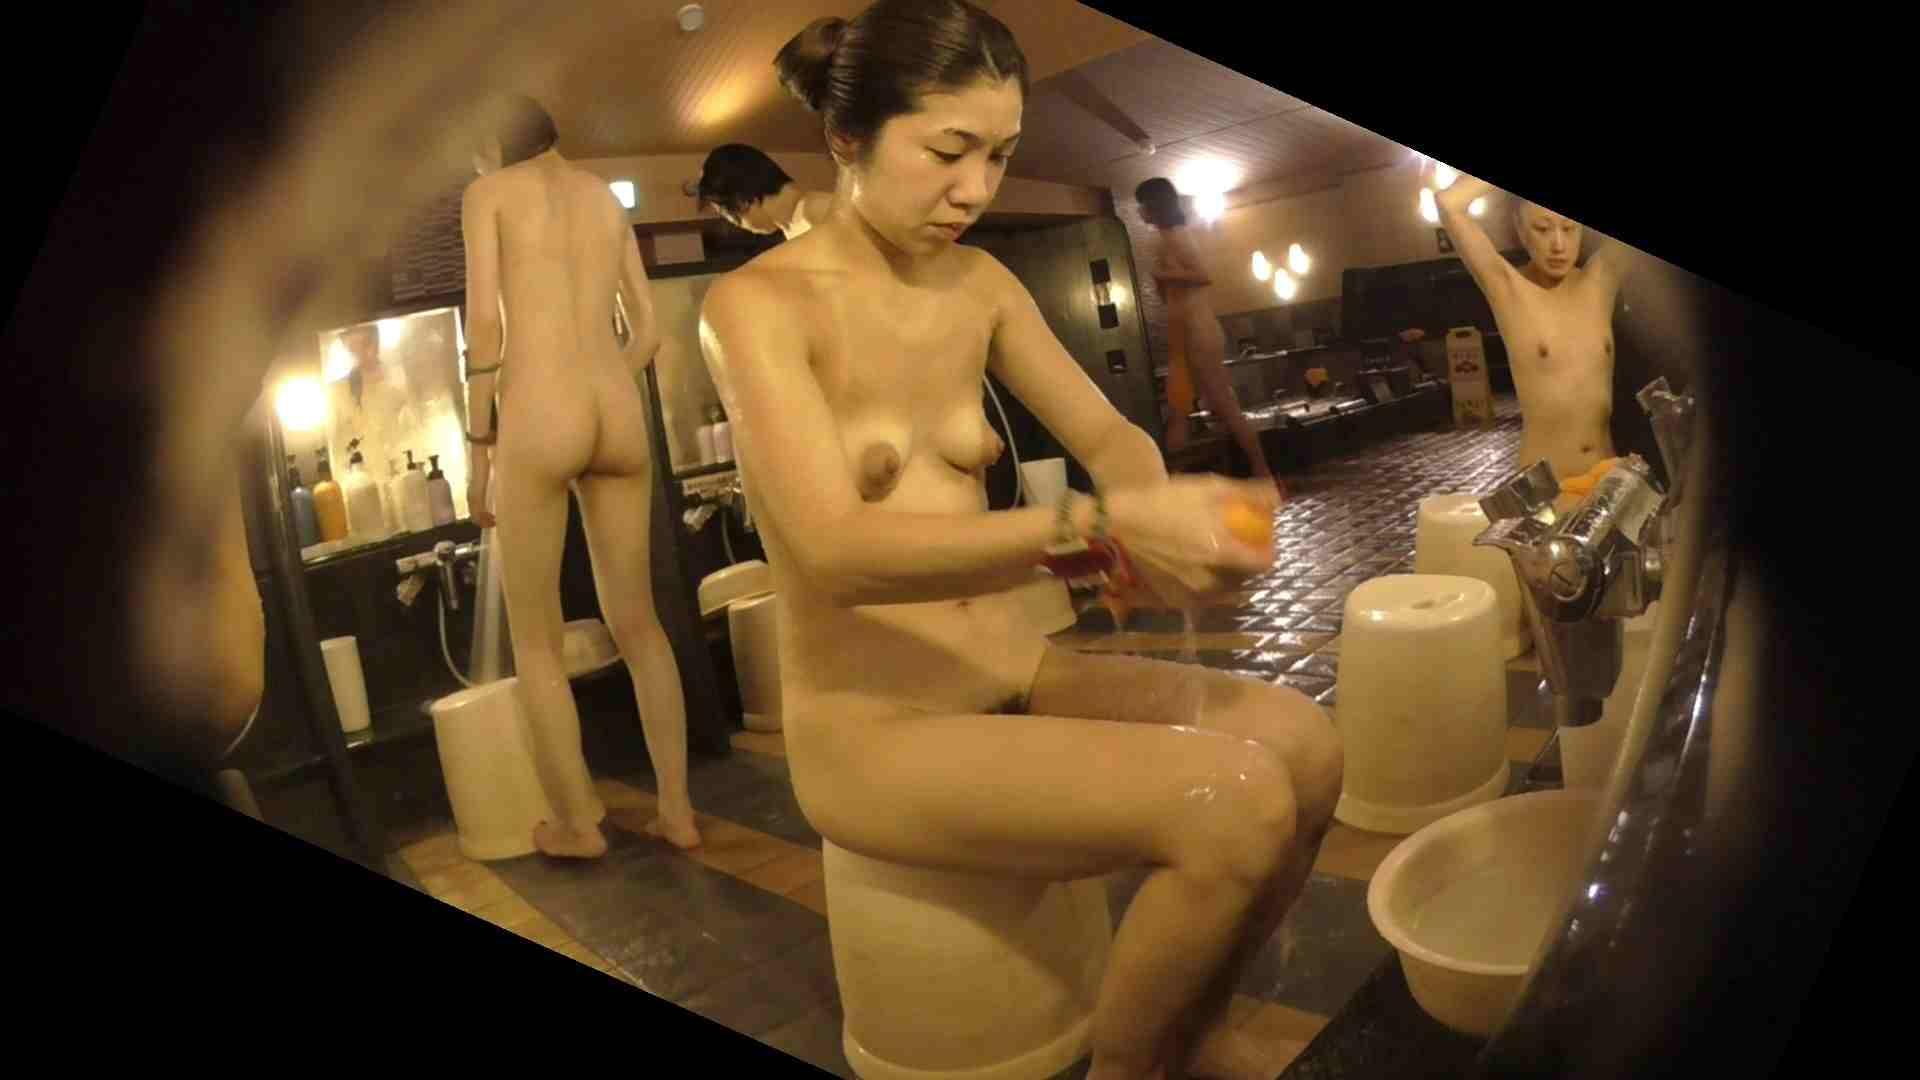 お風呂HEROの助手 vol.04 OL  112pic 31